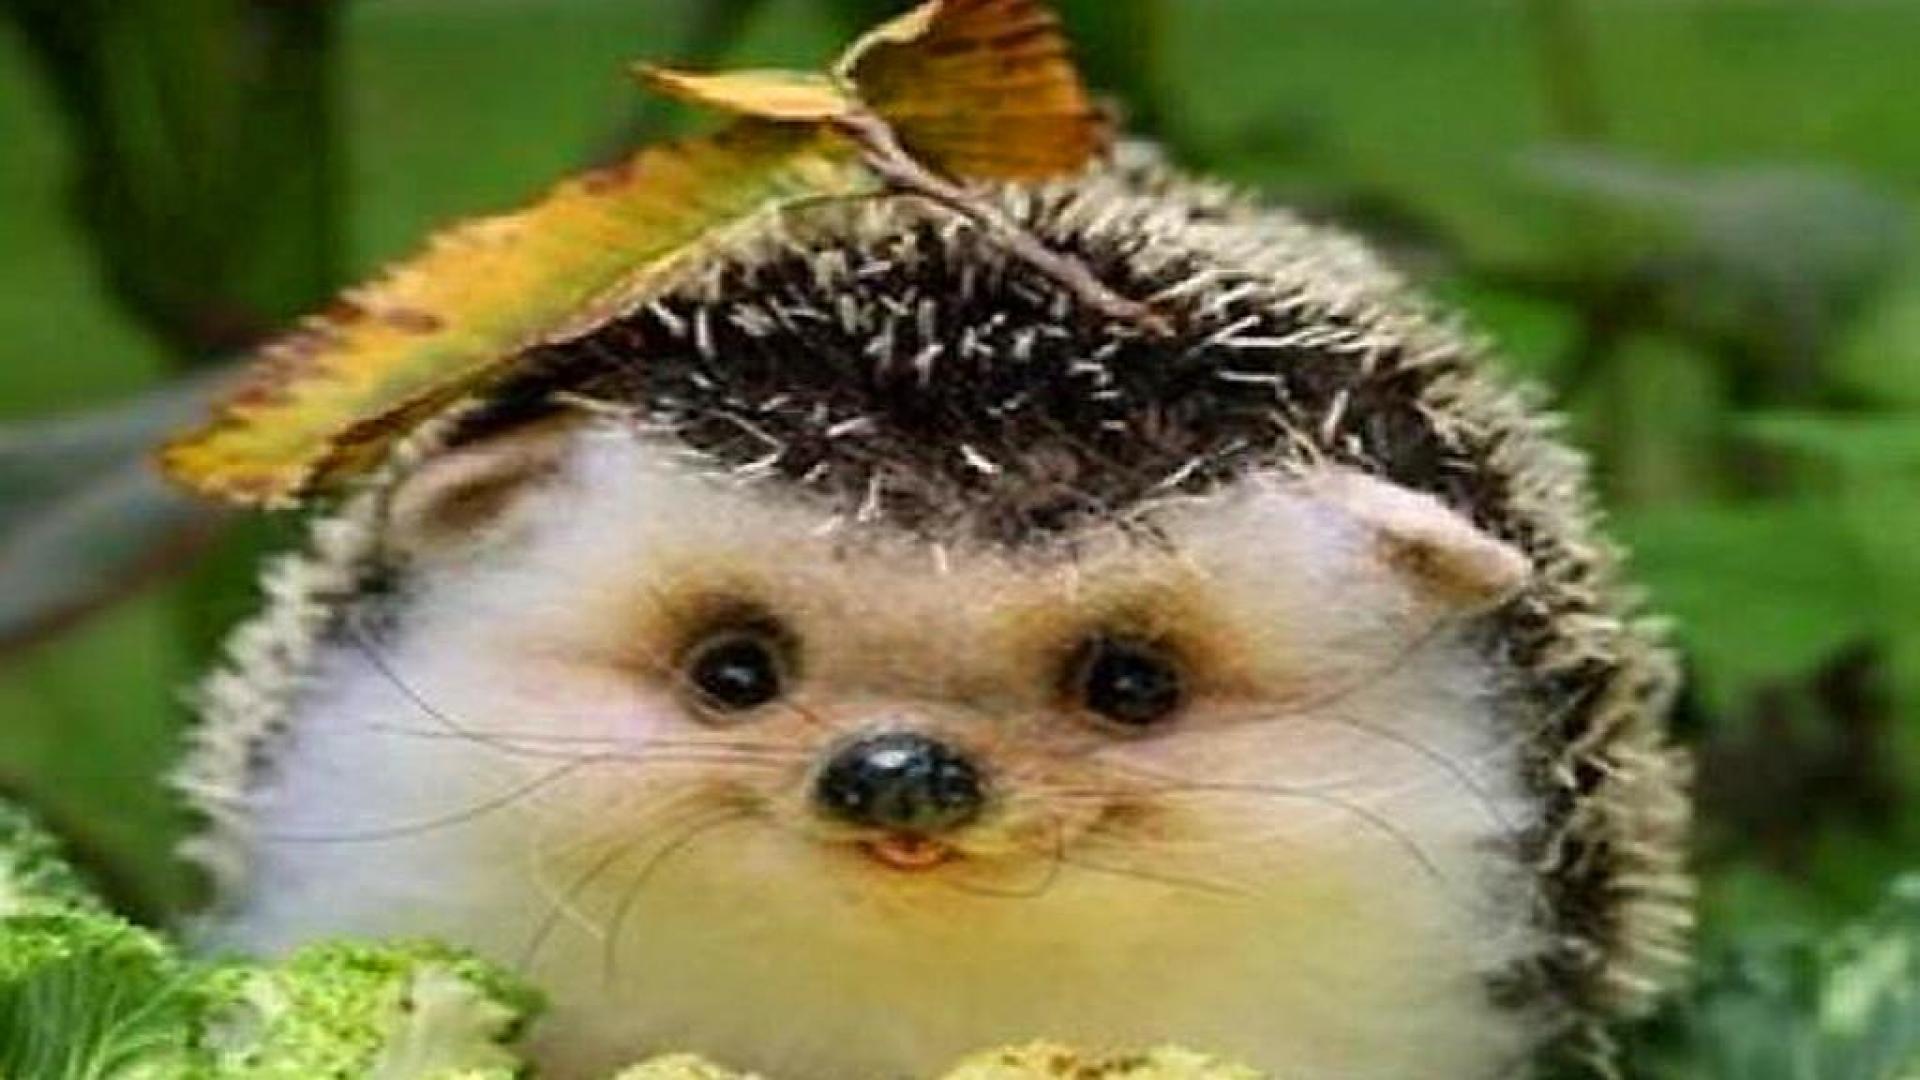 Hedgehog Wallpapers Wallpapersafari HD Wallpapers Download Free Images Wallpaper [1000image.com]